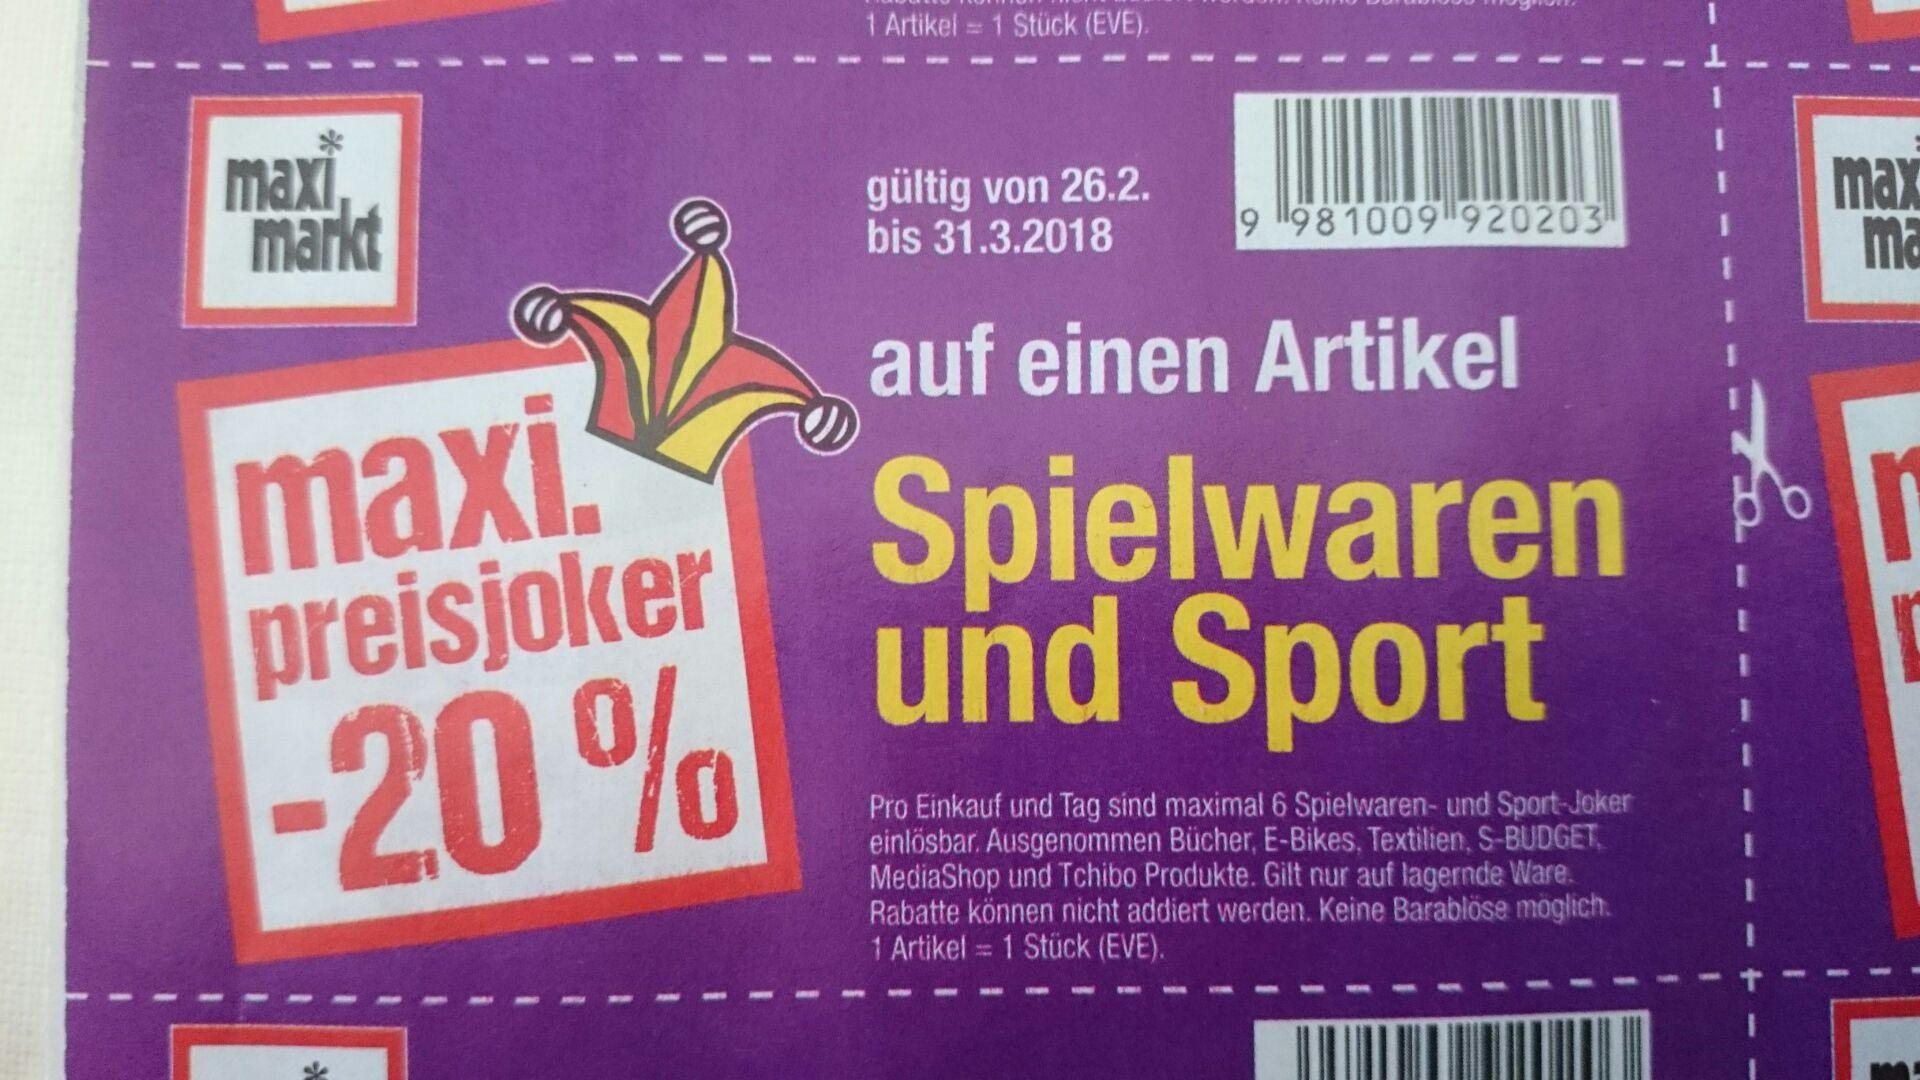 [Österreich] Maximarkt Preisjoker 20% Rabatt auf Spielwaren und Sport